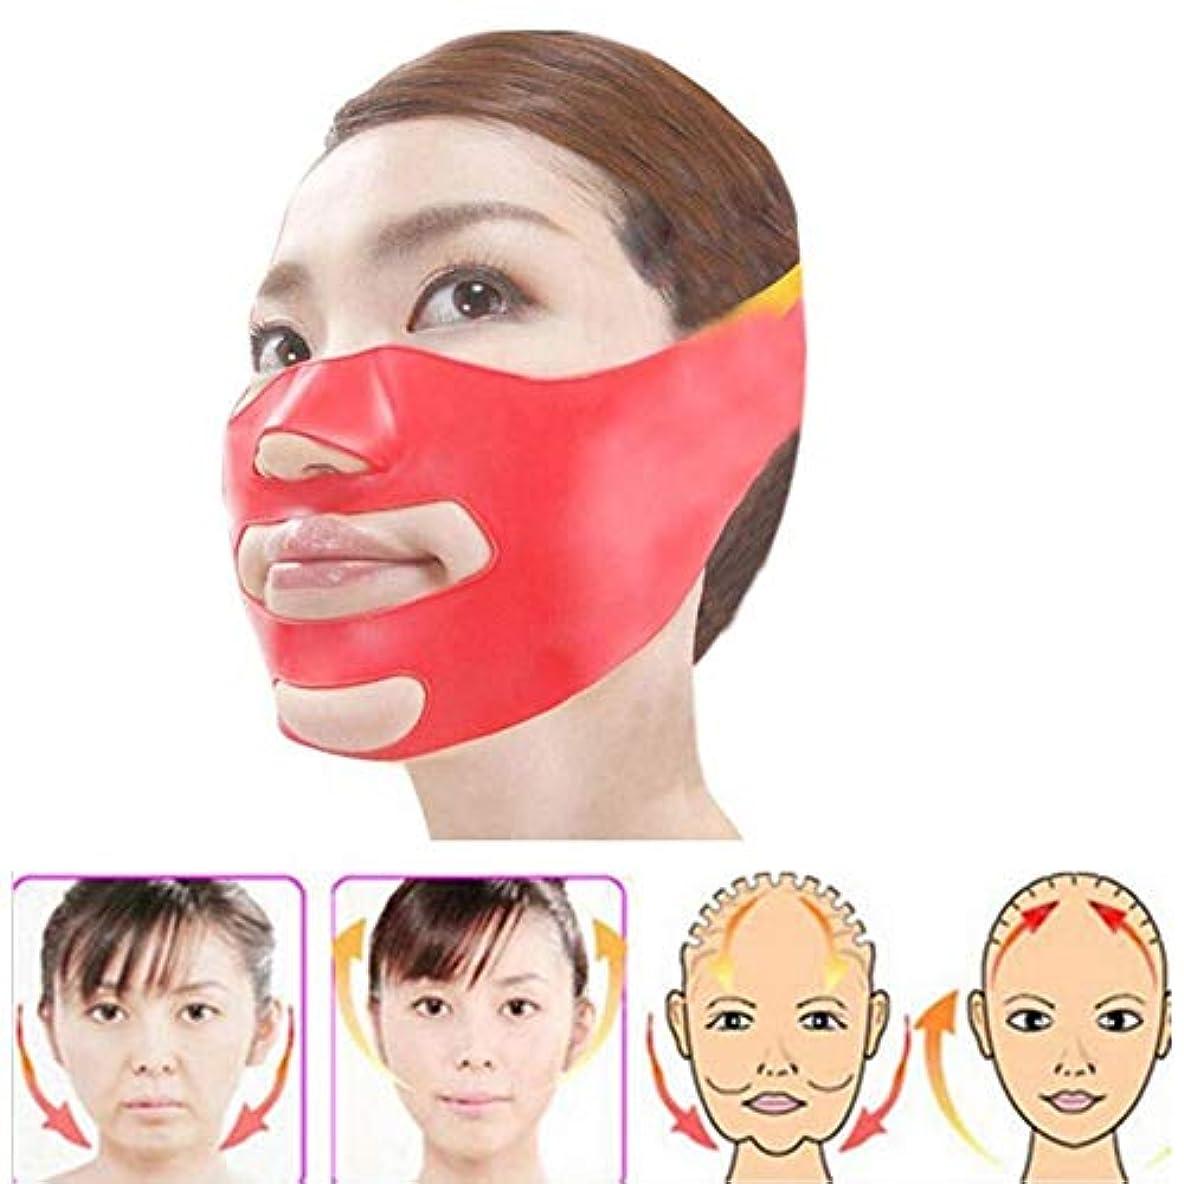 プランテーションやりがいのあるフェンスフェイスベルト 小顔 マスク リフトアップ Cinsey 小顔ベルト 美顔 小顔 矯正 顔痩せ マスク シリコン 抗しわ 皮膚改善 軽量 通気性